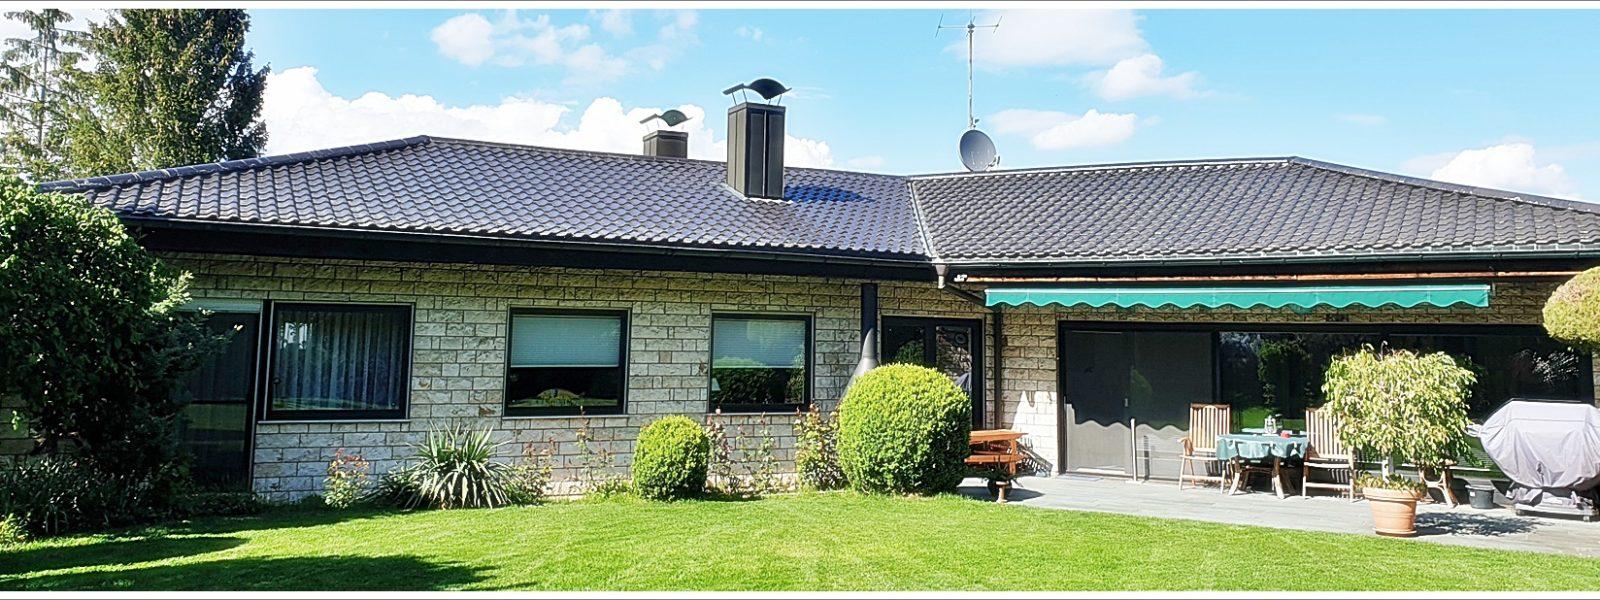 Sorgen sie für ihr Alter vor……….ein Traum-Bungalow mit großer Terrasse, Doppelgarage und 2x Pkw-Außenstellplätzen in Toplage